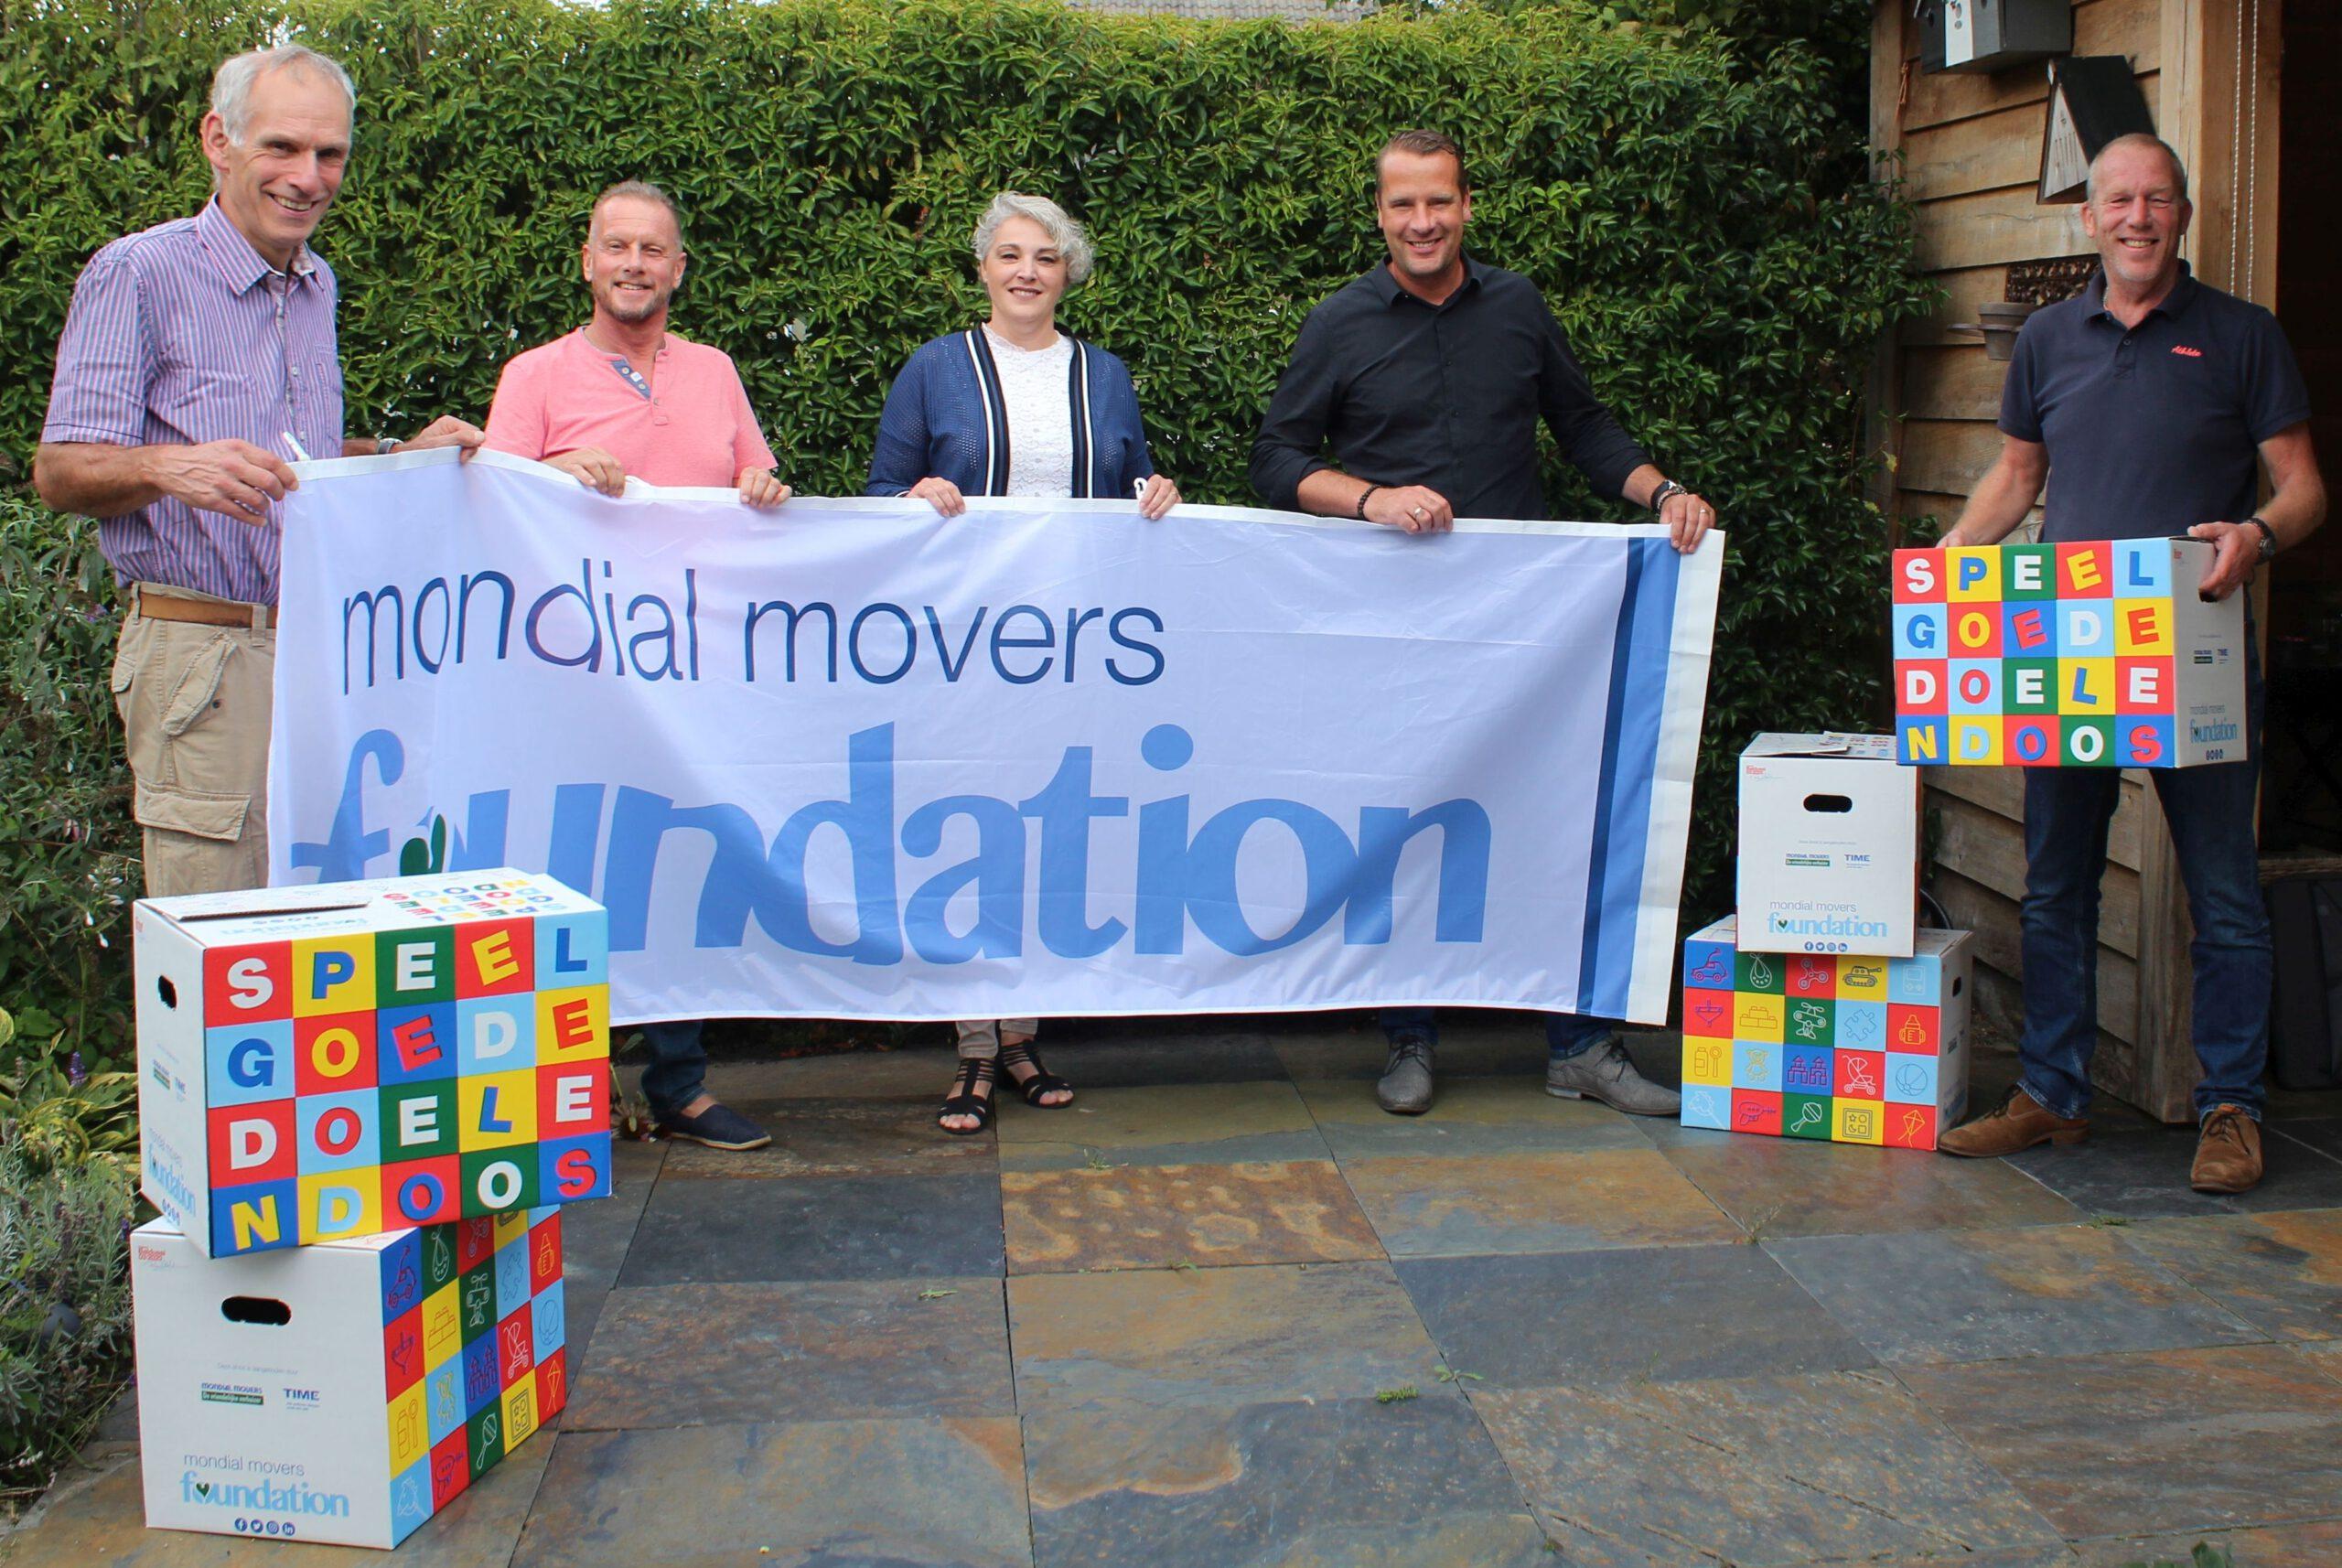 Het team van de Mondial Movers Foundation